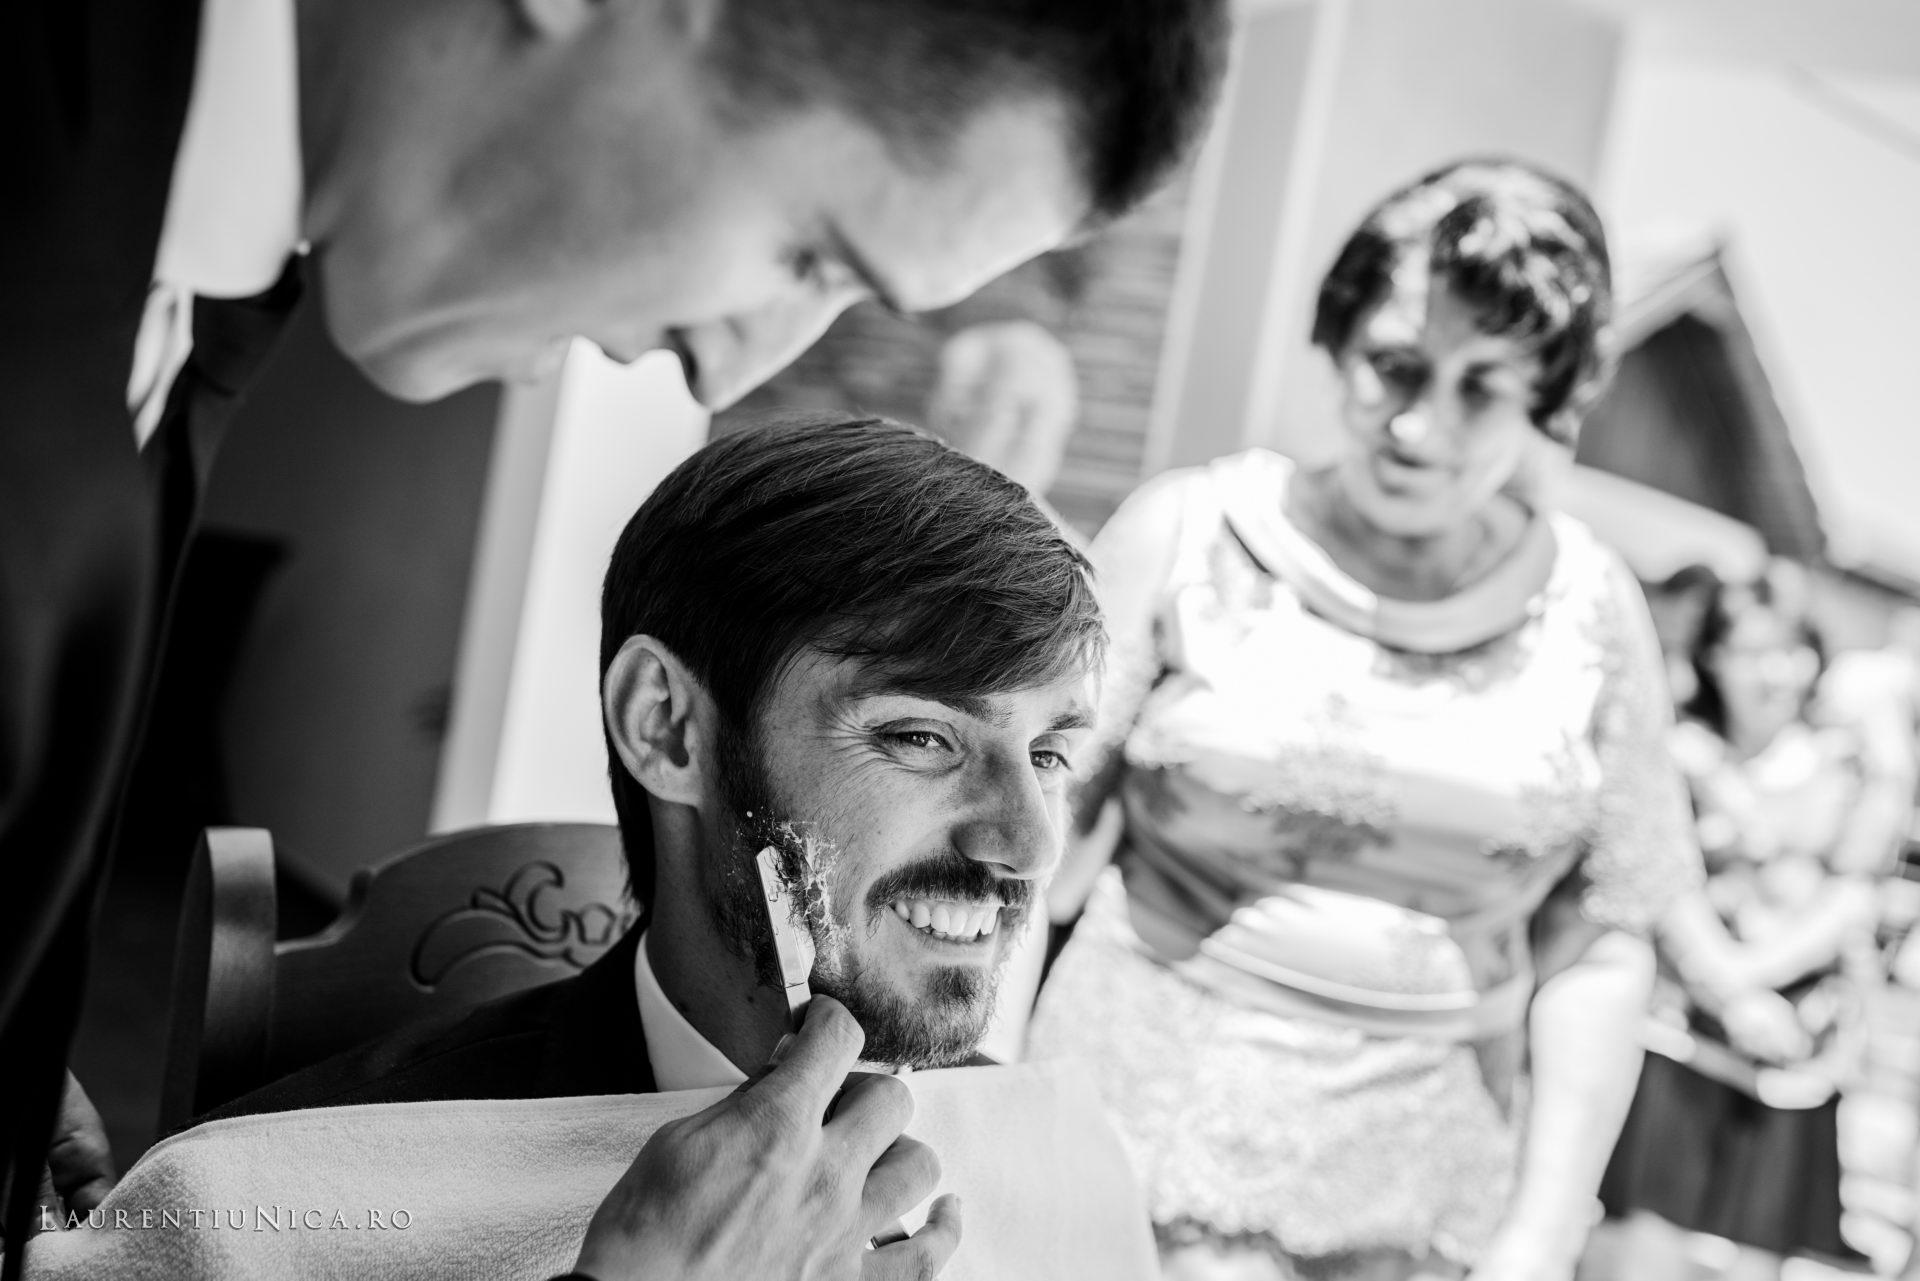 Cristina si Ovidiu nunta Craiova fotograf laurentiu nica 051 - Cristina & Ovidiu | Fotografii nunta | Craiova